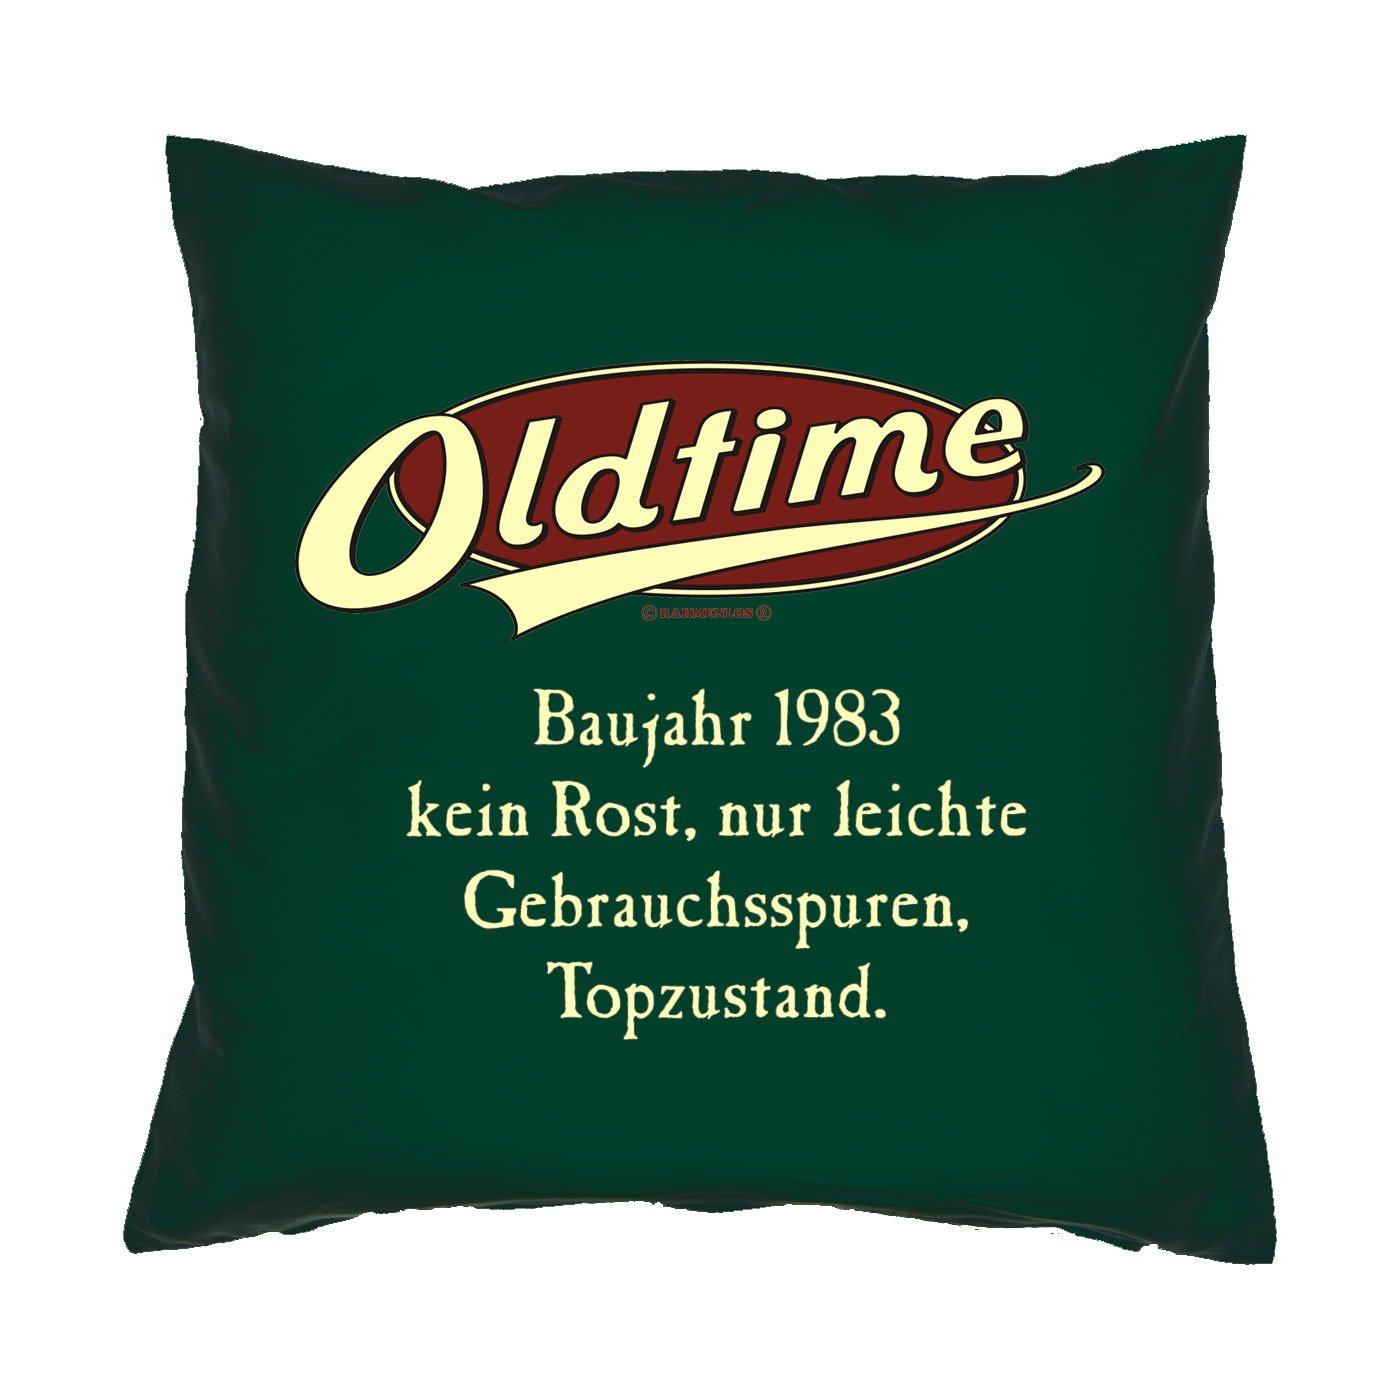 Kissen mit Innenkissen - OLDTIMER BAUJAHR 1983 - kein Rost, nur leichte Gebrauchsspuren, Topzustand. - zum 30. Geburtstag Geschenk - 40 x 40 cm - in dunkel-grün